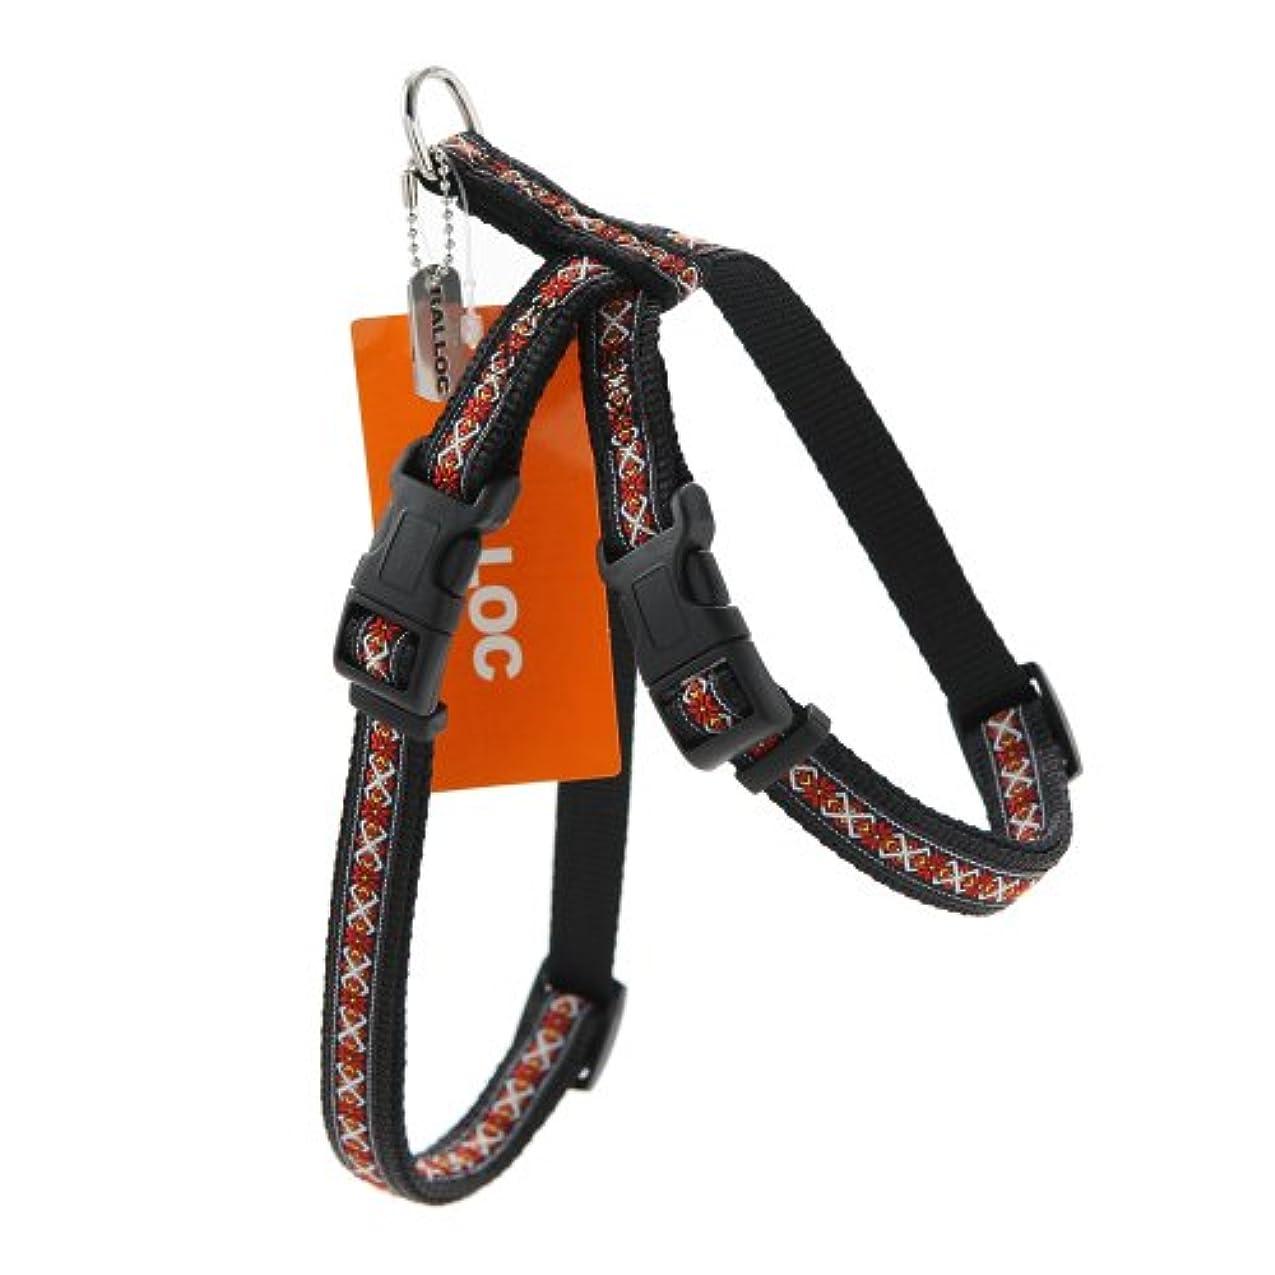 テントボランティアクラス【小型犬用胴輪】アミット ツービーハーネス Sサイズ 色:108 フォークロア